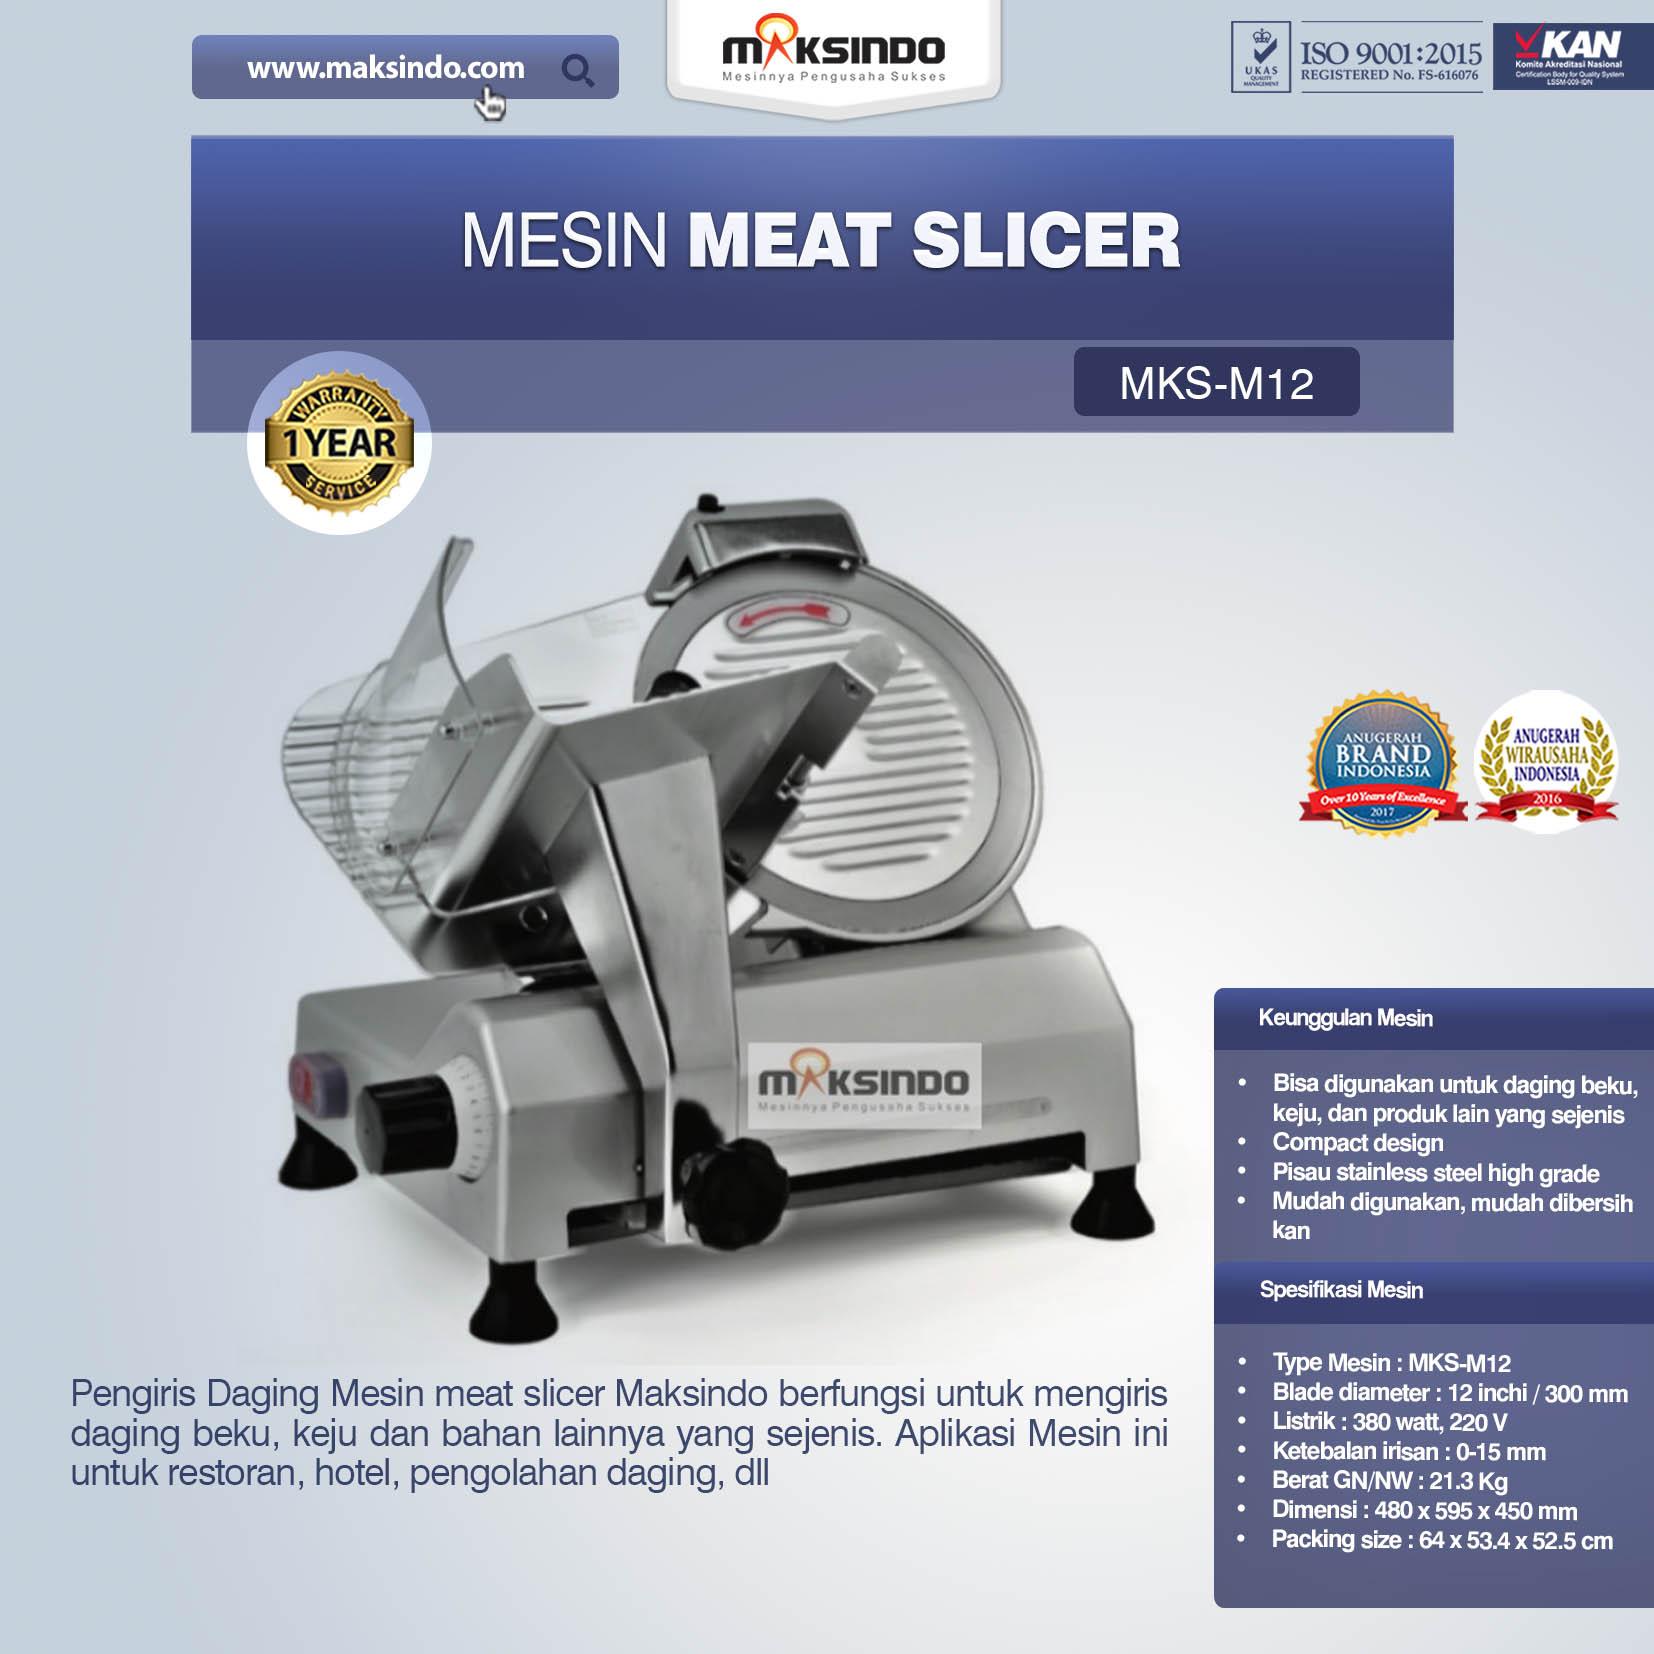 Jual Mesin Meat Slicer (MKS-M12) di Palembang